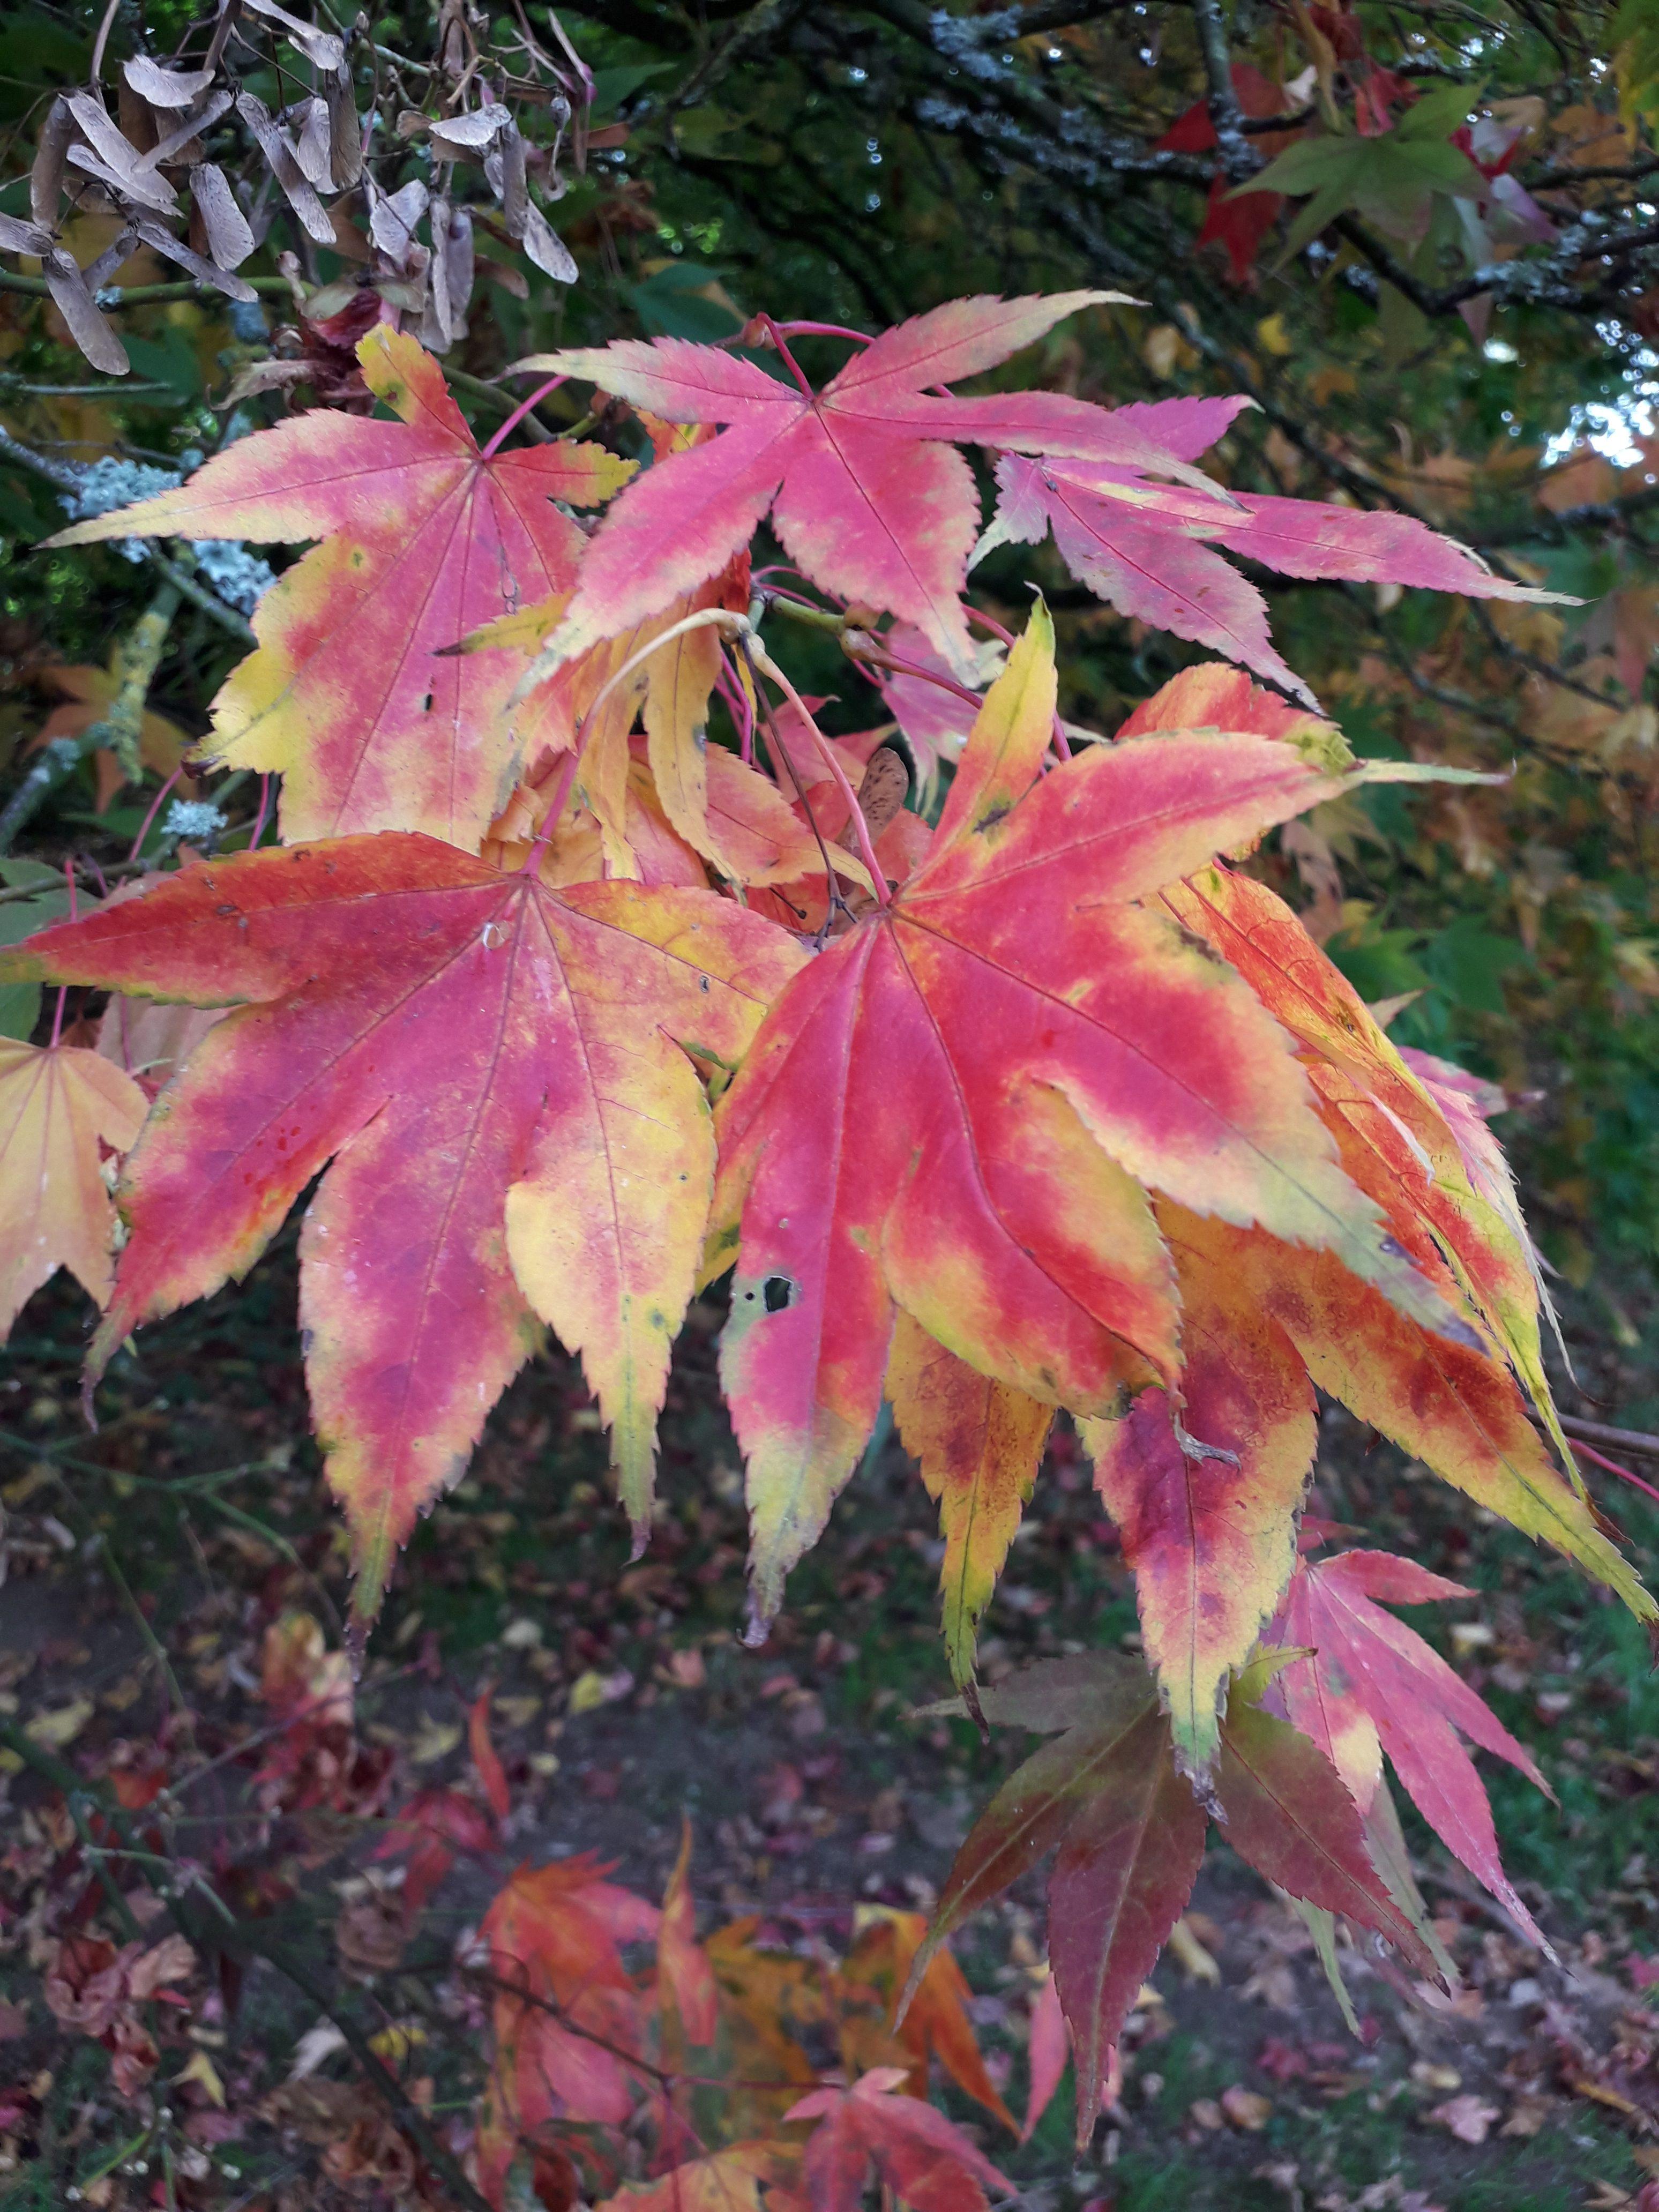 Autumn leaves - Autumn tree art